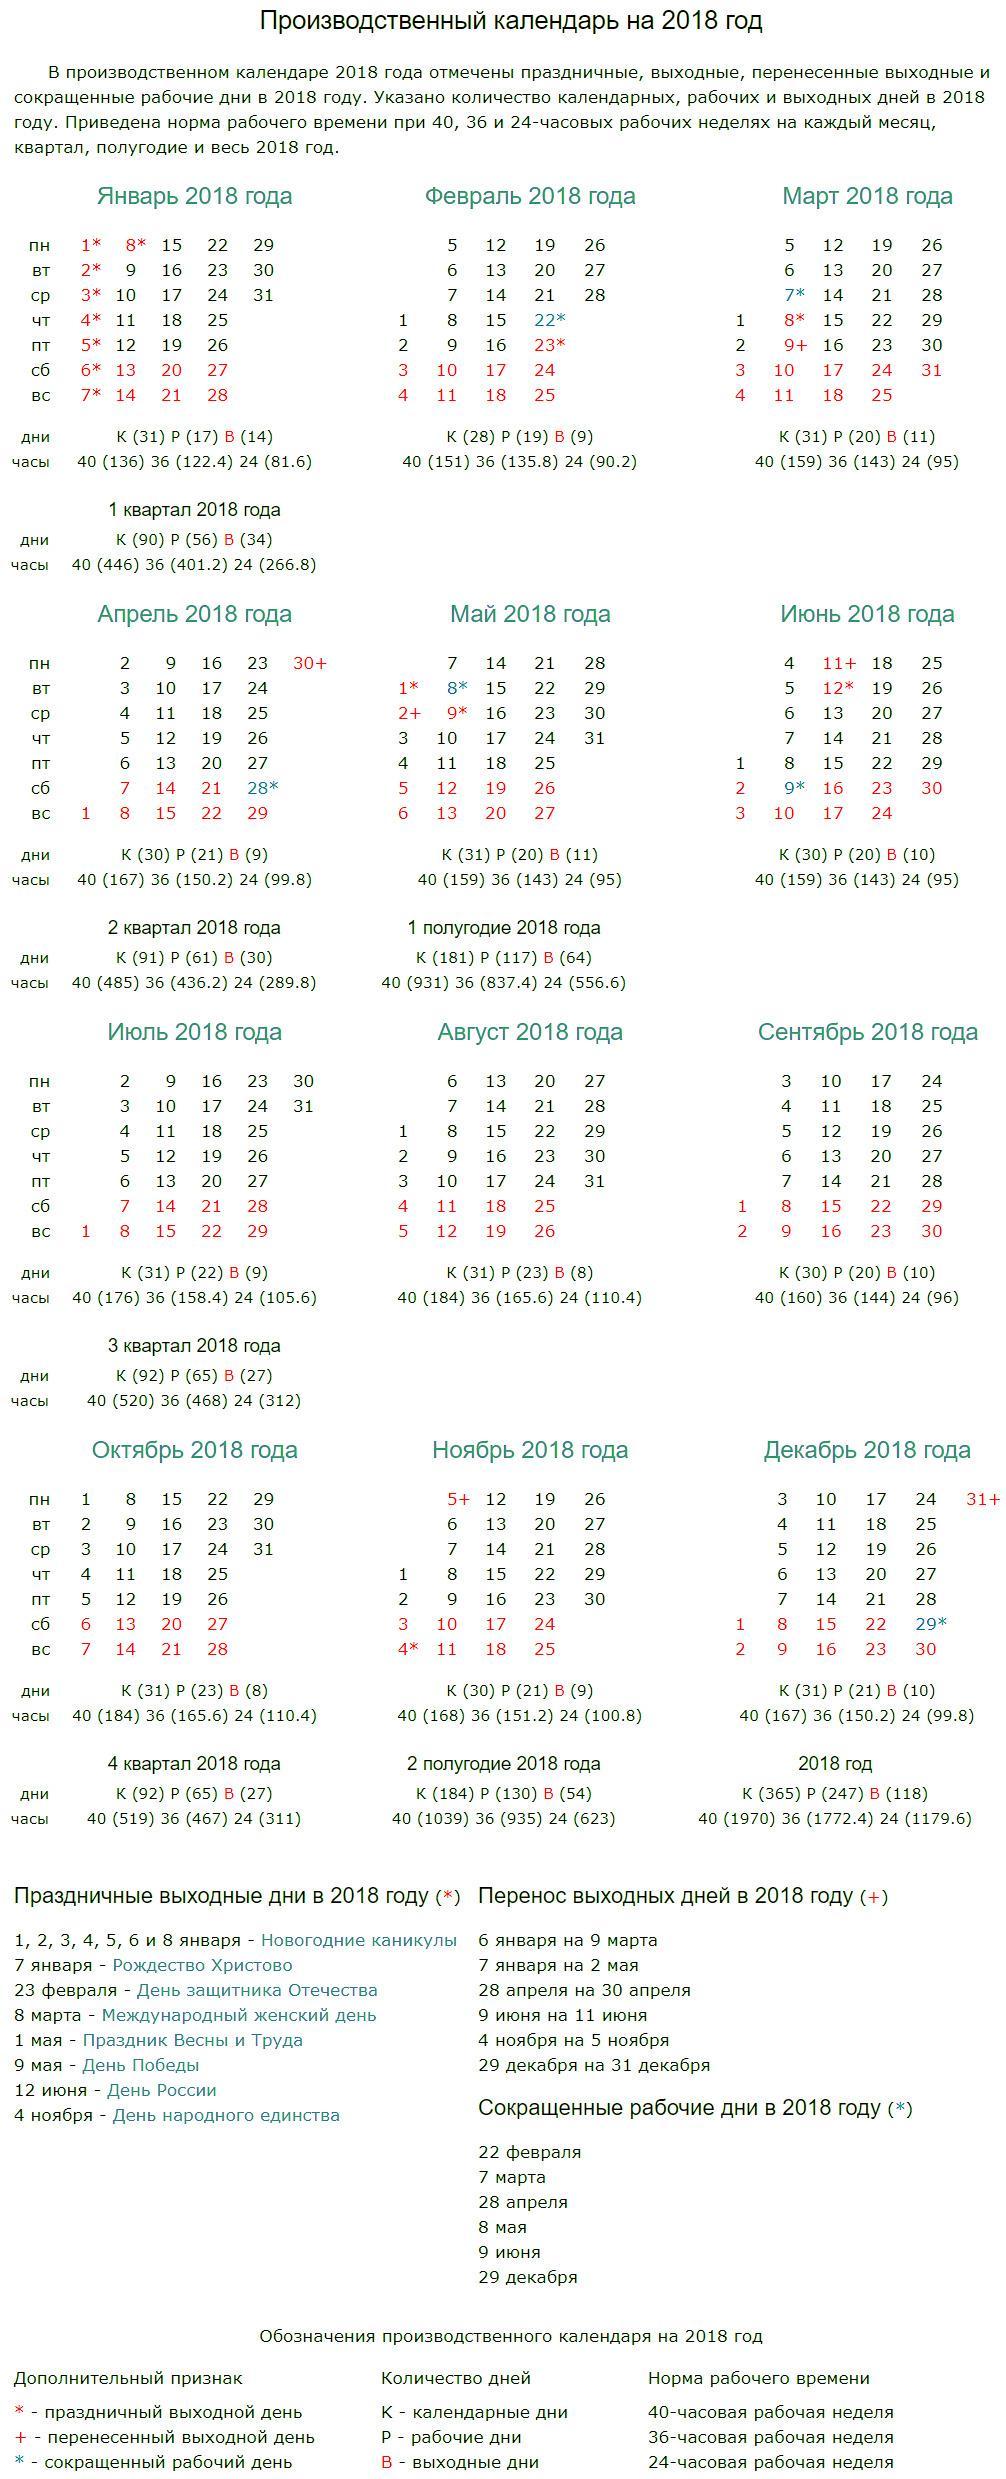 Праздничные, выходные и рабочие дни в производственном календаре на 2018 год